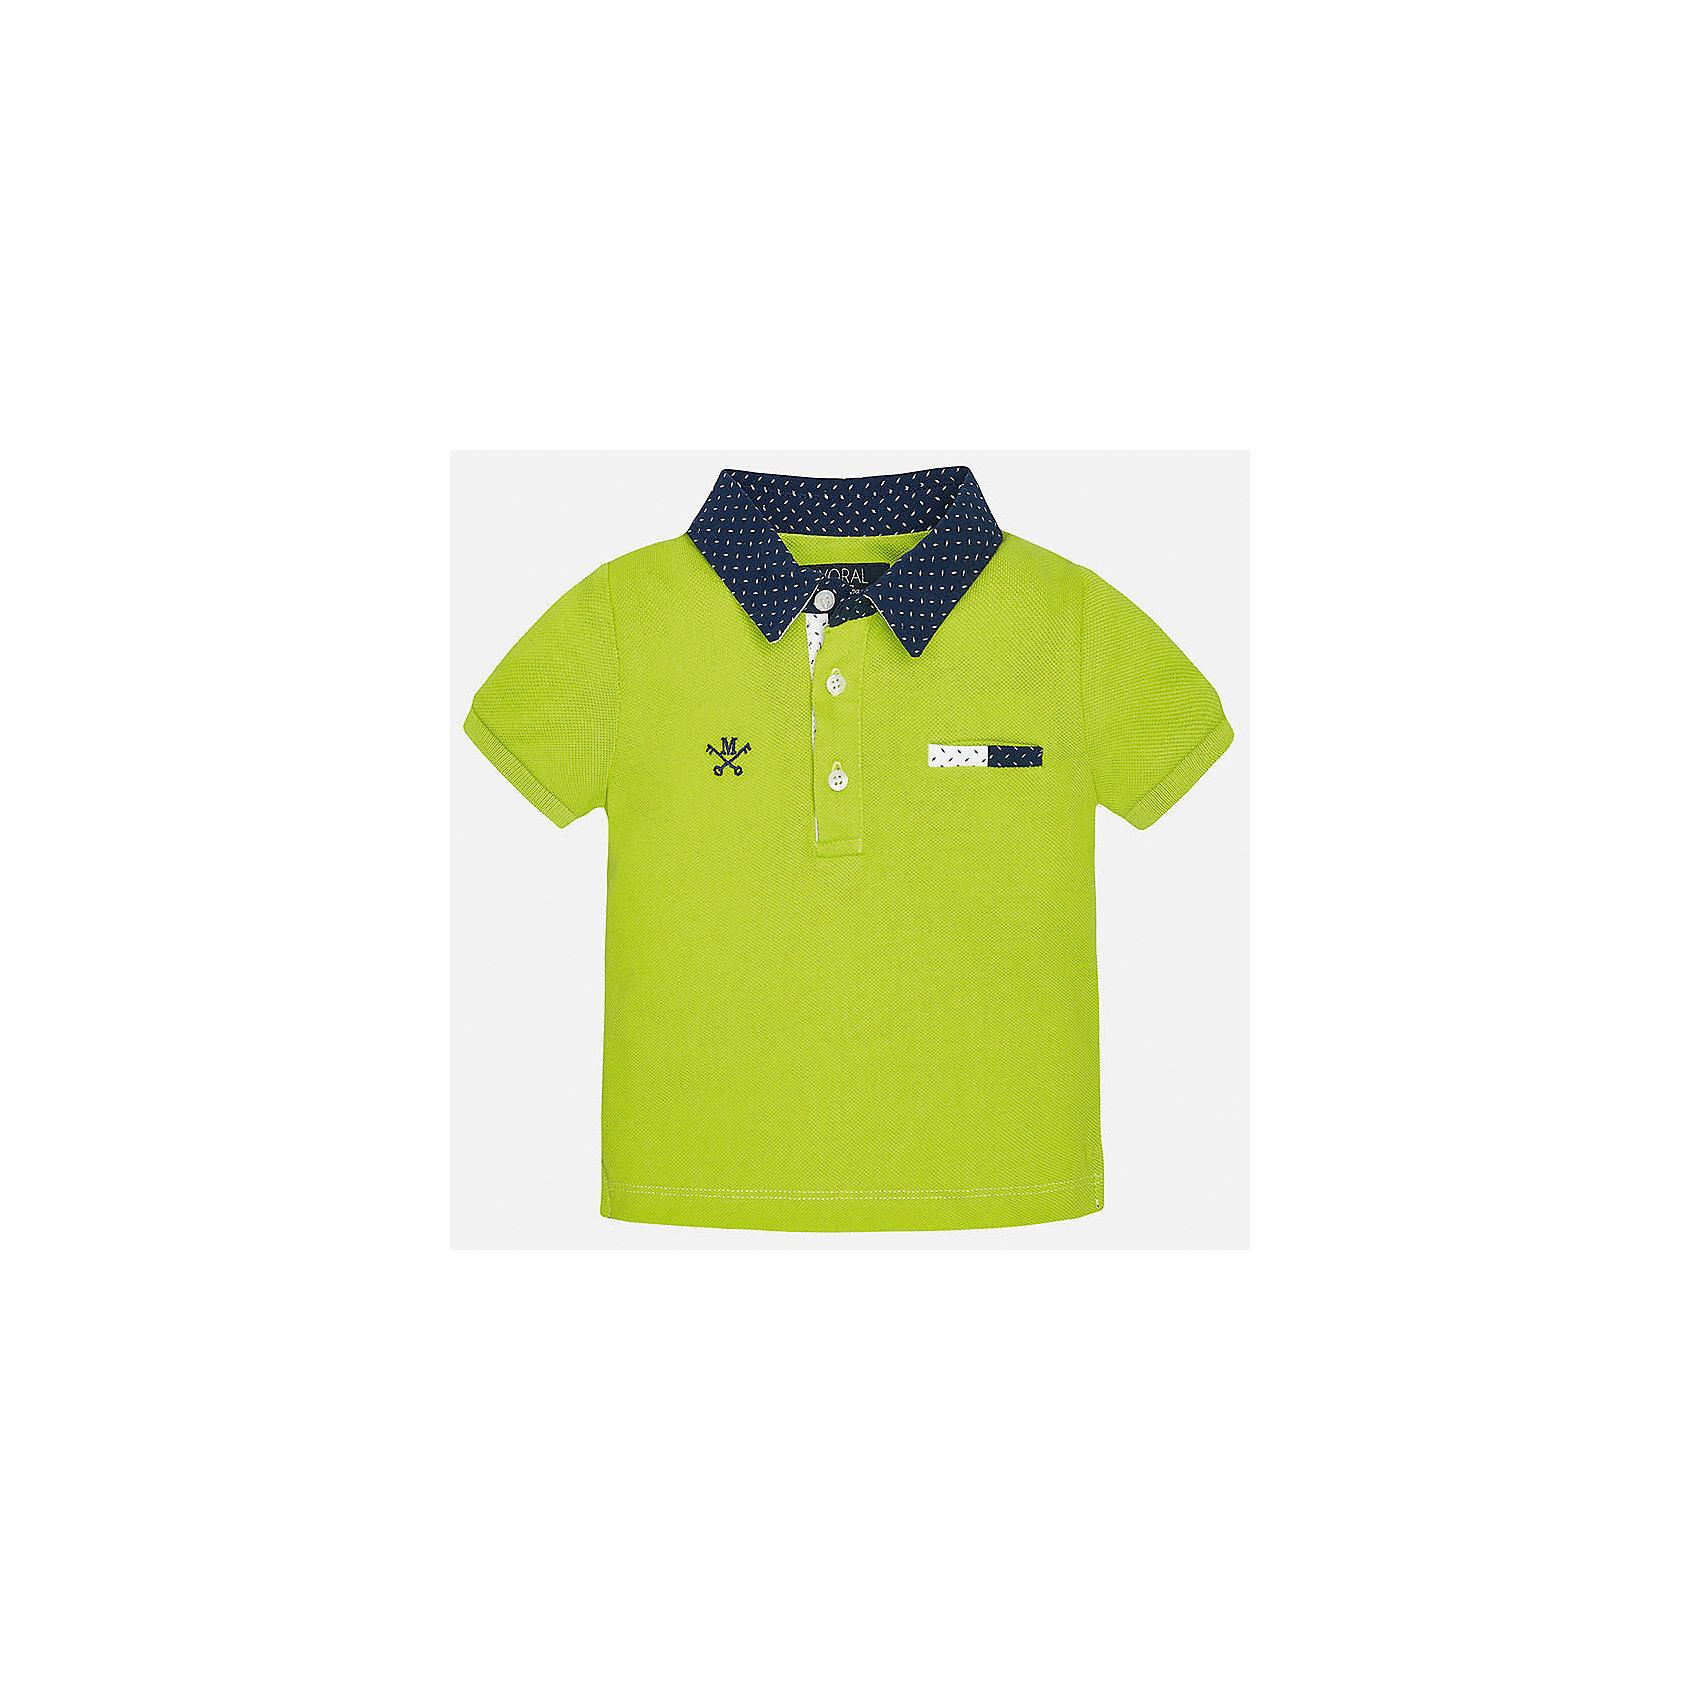 Футболка-поло для мальчика MayoralФутболки, топы<br>Характеристики товара:<br><br>• цвет: зеленый<br>• состав: 100% хлопок<br>• отложной воротник<br>• короткие рукава<br>• застежка: пуговицы<br>• вышивка и карман на груди<br>• страна бренда: Испания<br><br>Удобная и модная рубашка-поло для мальчика может стать базовой вещью в гардеробе ребенка. Она отлично сочетается с брюками, шортами, джинсами и т.д. Универсальный крой и цвет позволяет подобрать к вещи низ разных расцветок. Практичное и стильное изделие! В составе материала - только натуральный хлопок, гипоаллергенный, приятный на ощупь, дышащий.<br><br>Одежда, обувь и аксессуары от испанского бренда Mayoral полюбились детям и взрослым по всему миру. Модели этой марки - стильные и удобные. Для их производства используются только безопасные, качественные материалы и фурнитура. Порадуйте ребенка модными и красивыми вещами от Mayoral! <br><br>Рубашку-поло для мальчика от испанского бренда Mayoral (Майорал) можно купить в нашем интернет-магазине.<br><br>Ширина мм: 199<br>Глубина мм: 10<br>Высота мм: 161<br>Вес г: 151<br>Цвет: зеленый<br>Возраст от месяцев: 12<br>Возраст до месяцев: 15<br>Пол: Мужской<br>Возраст: Детский<br>Размер: 80,92,86<br>SKU: 5278534